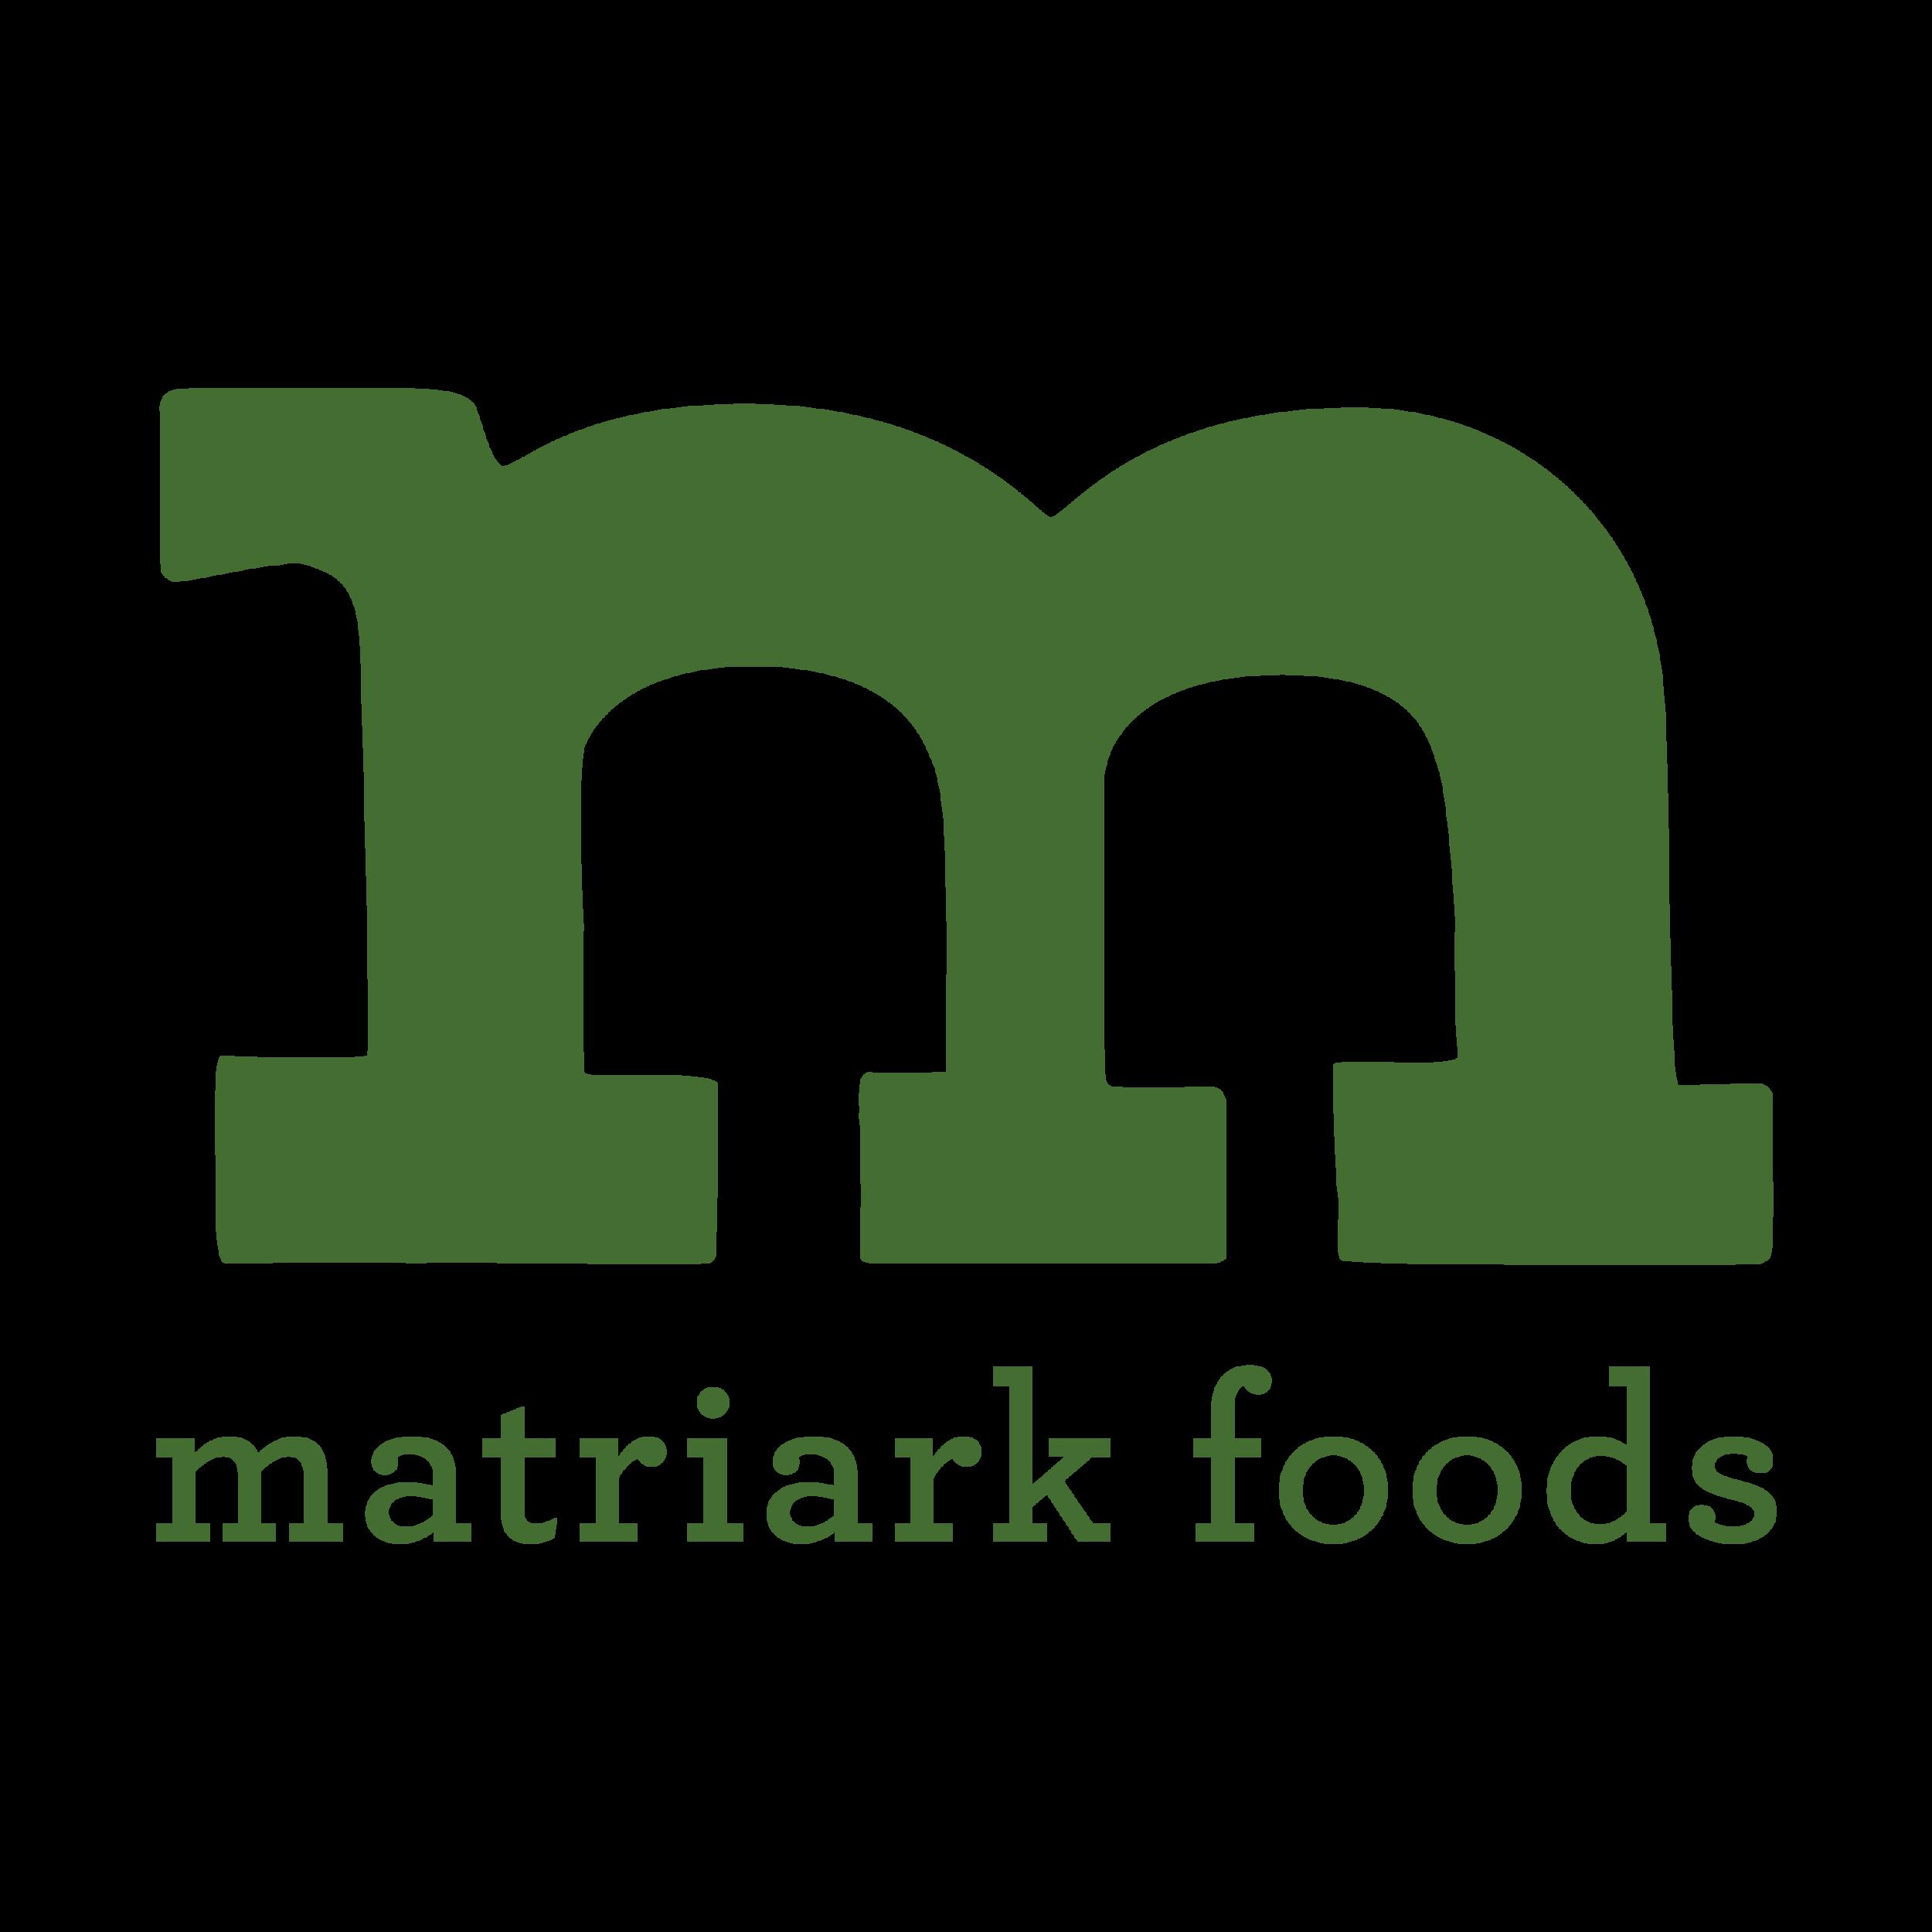 Matriark Foods-01.png